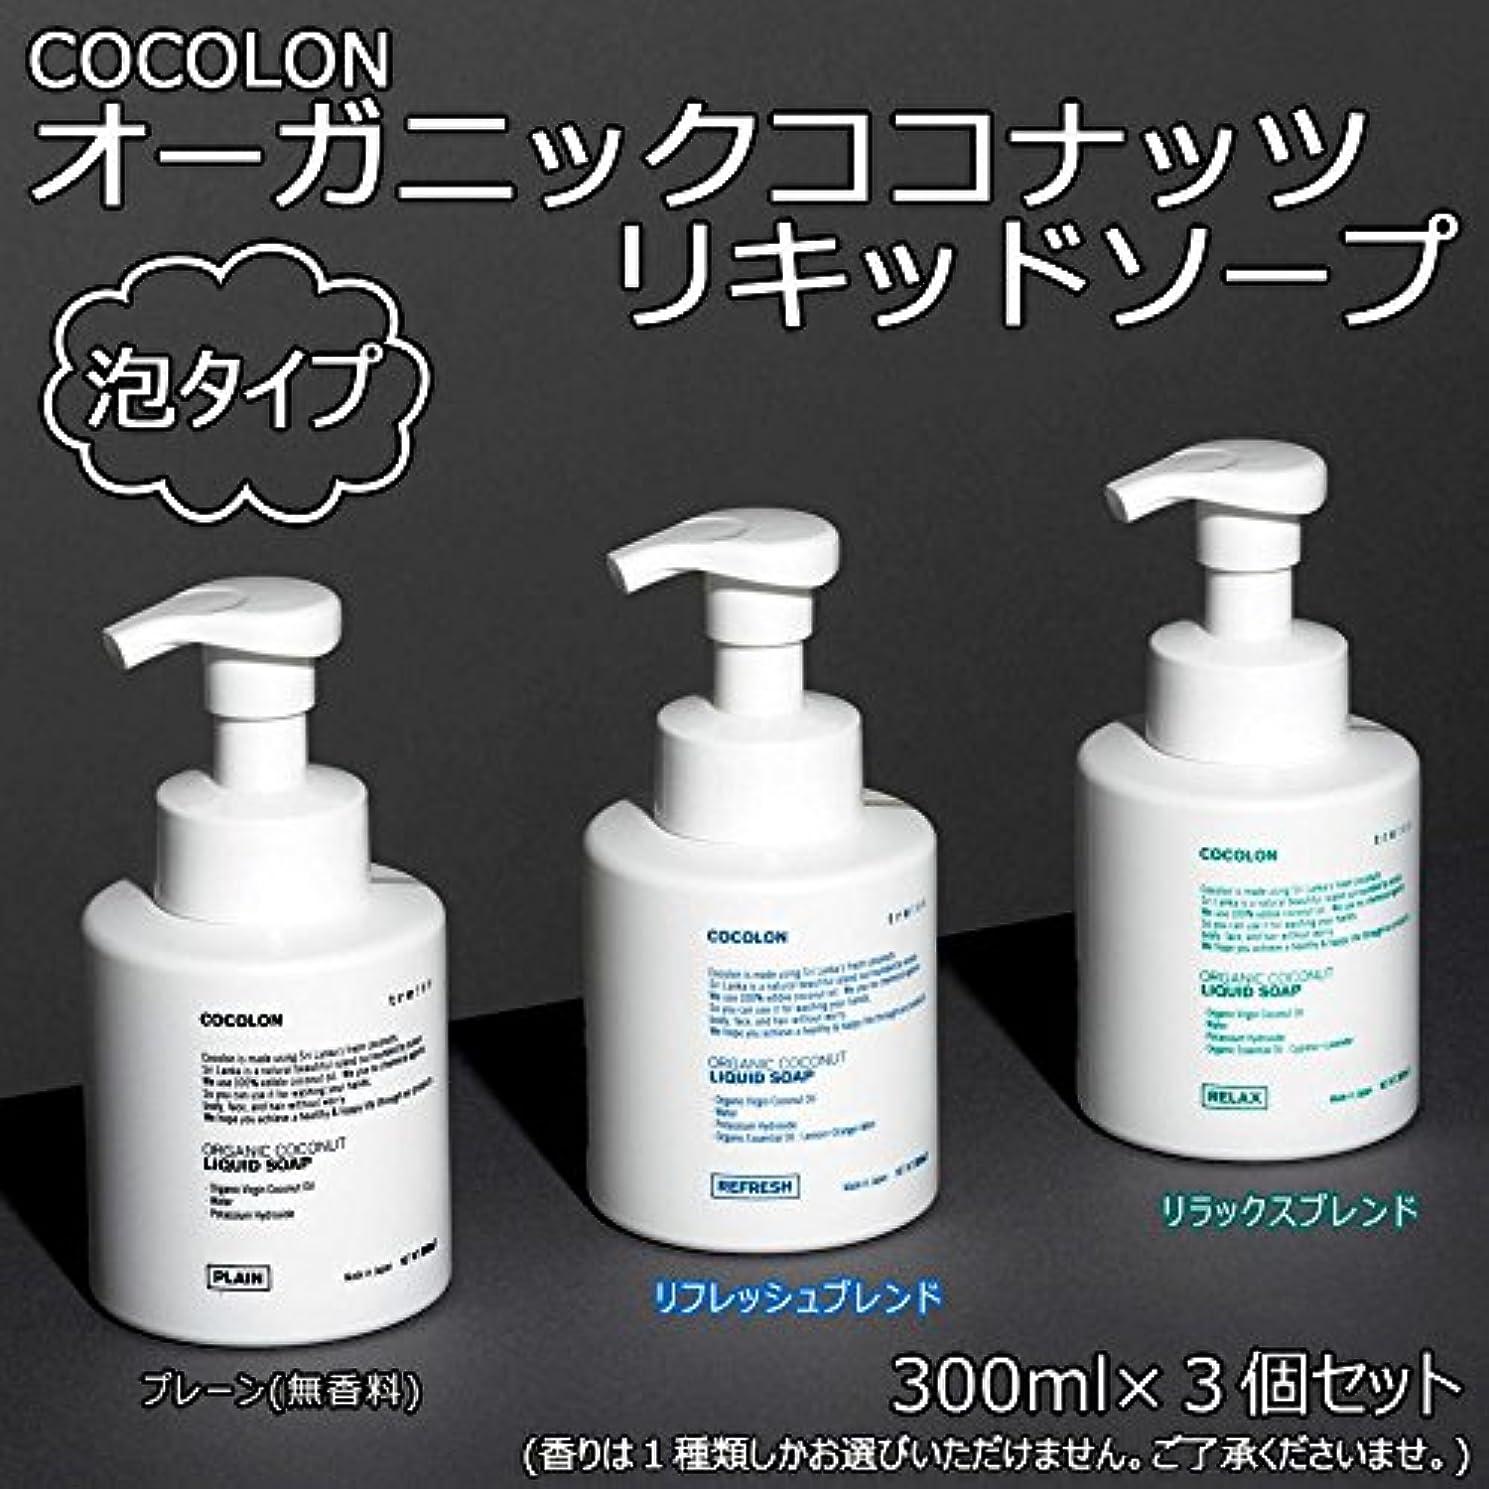 傾く令状説得COCOLON ココロン オーガニックココナッツリキッドソープ 泡タイプ 300ml 3個セット リフレッシュブレンド